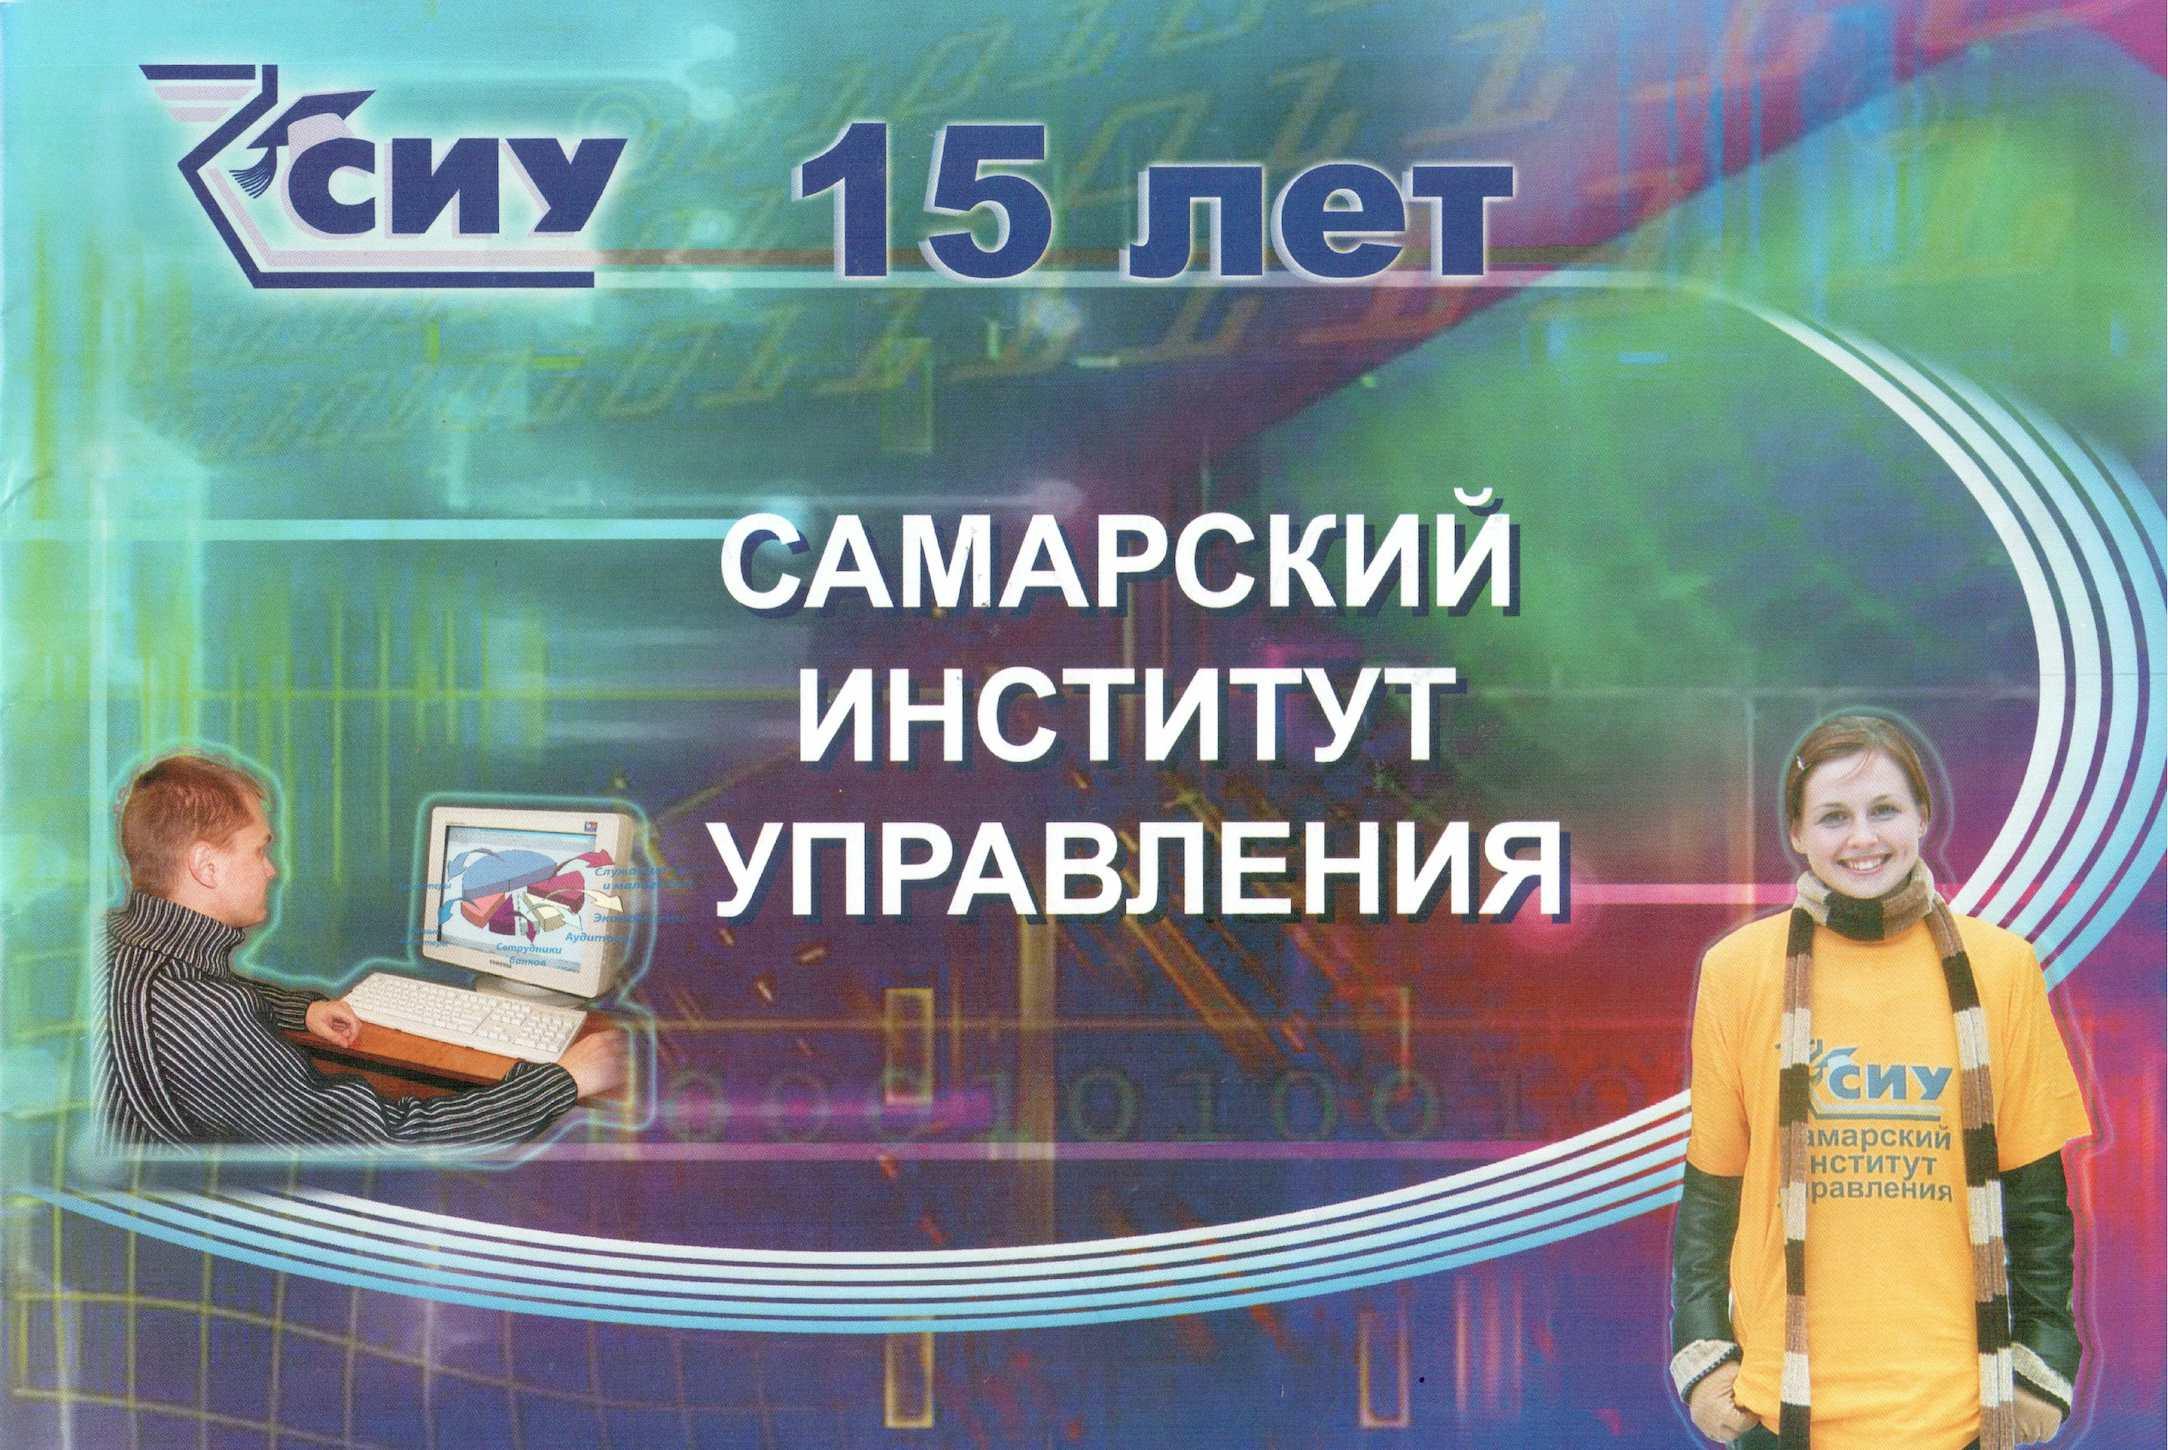 самарский институт бизнеса и управления фото фотографию, где тобой